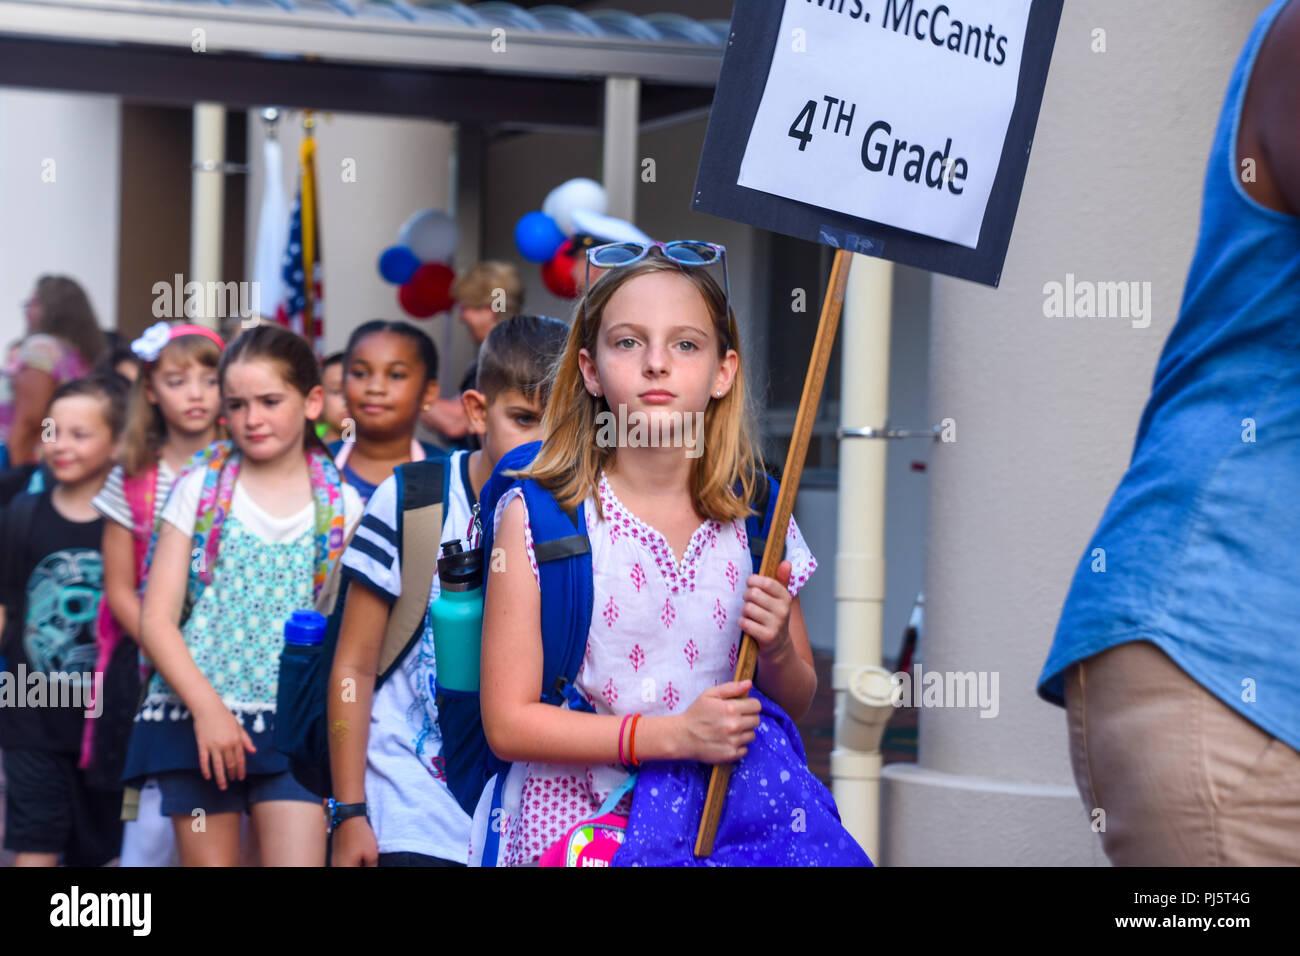 Zushi Japan Aug 27 2018 Ikego Elementary School Students Walk